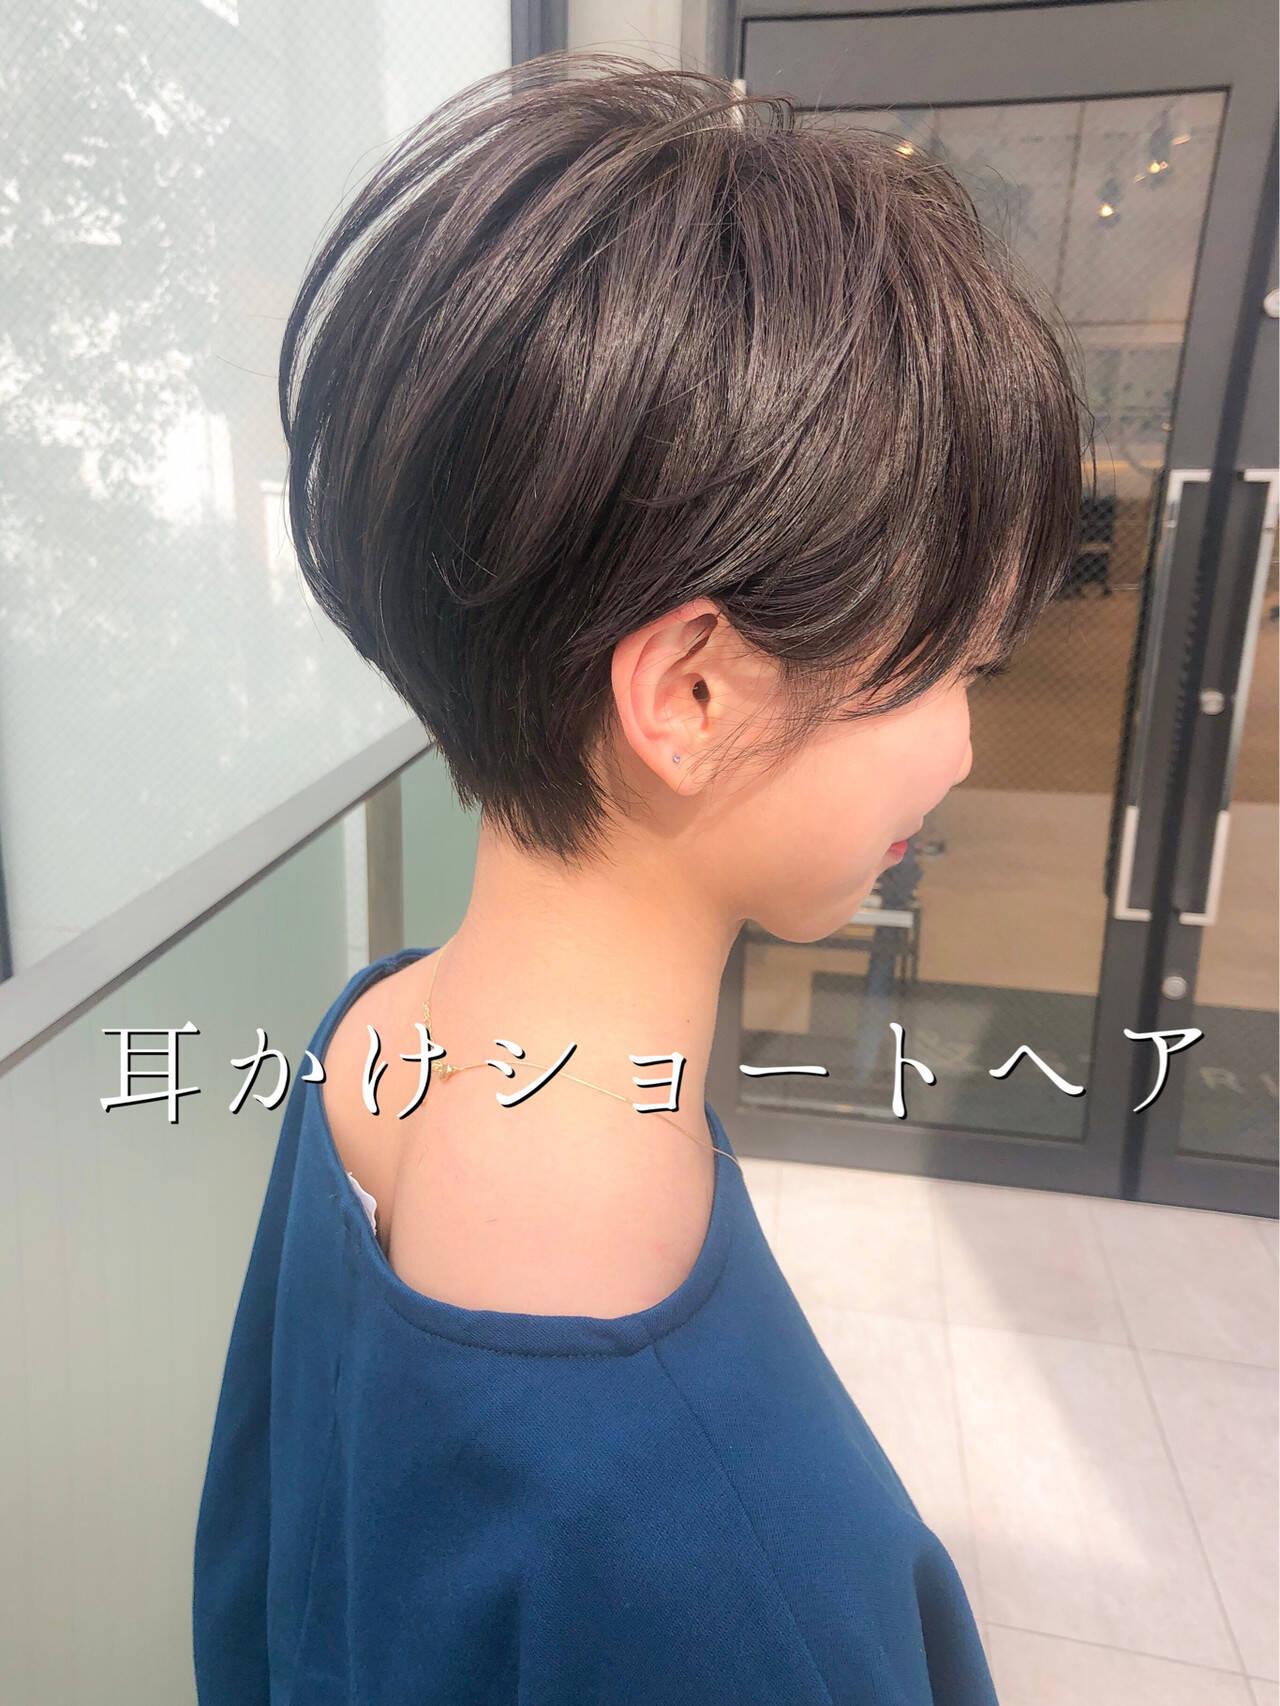 ナチュラル 耳かけ アウトドア デートヘアスタイルや髪型の写真・画像